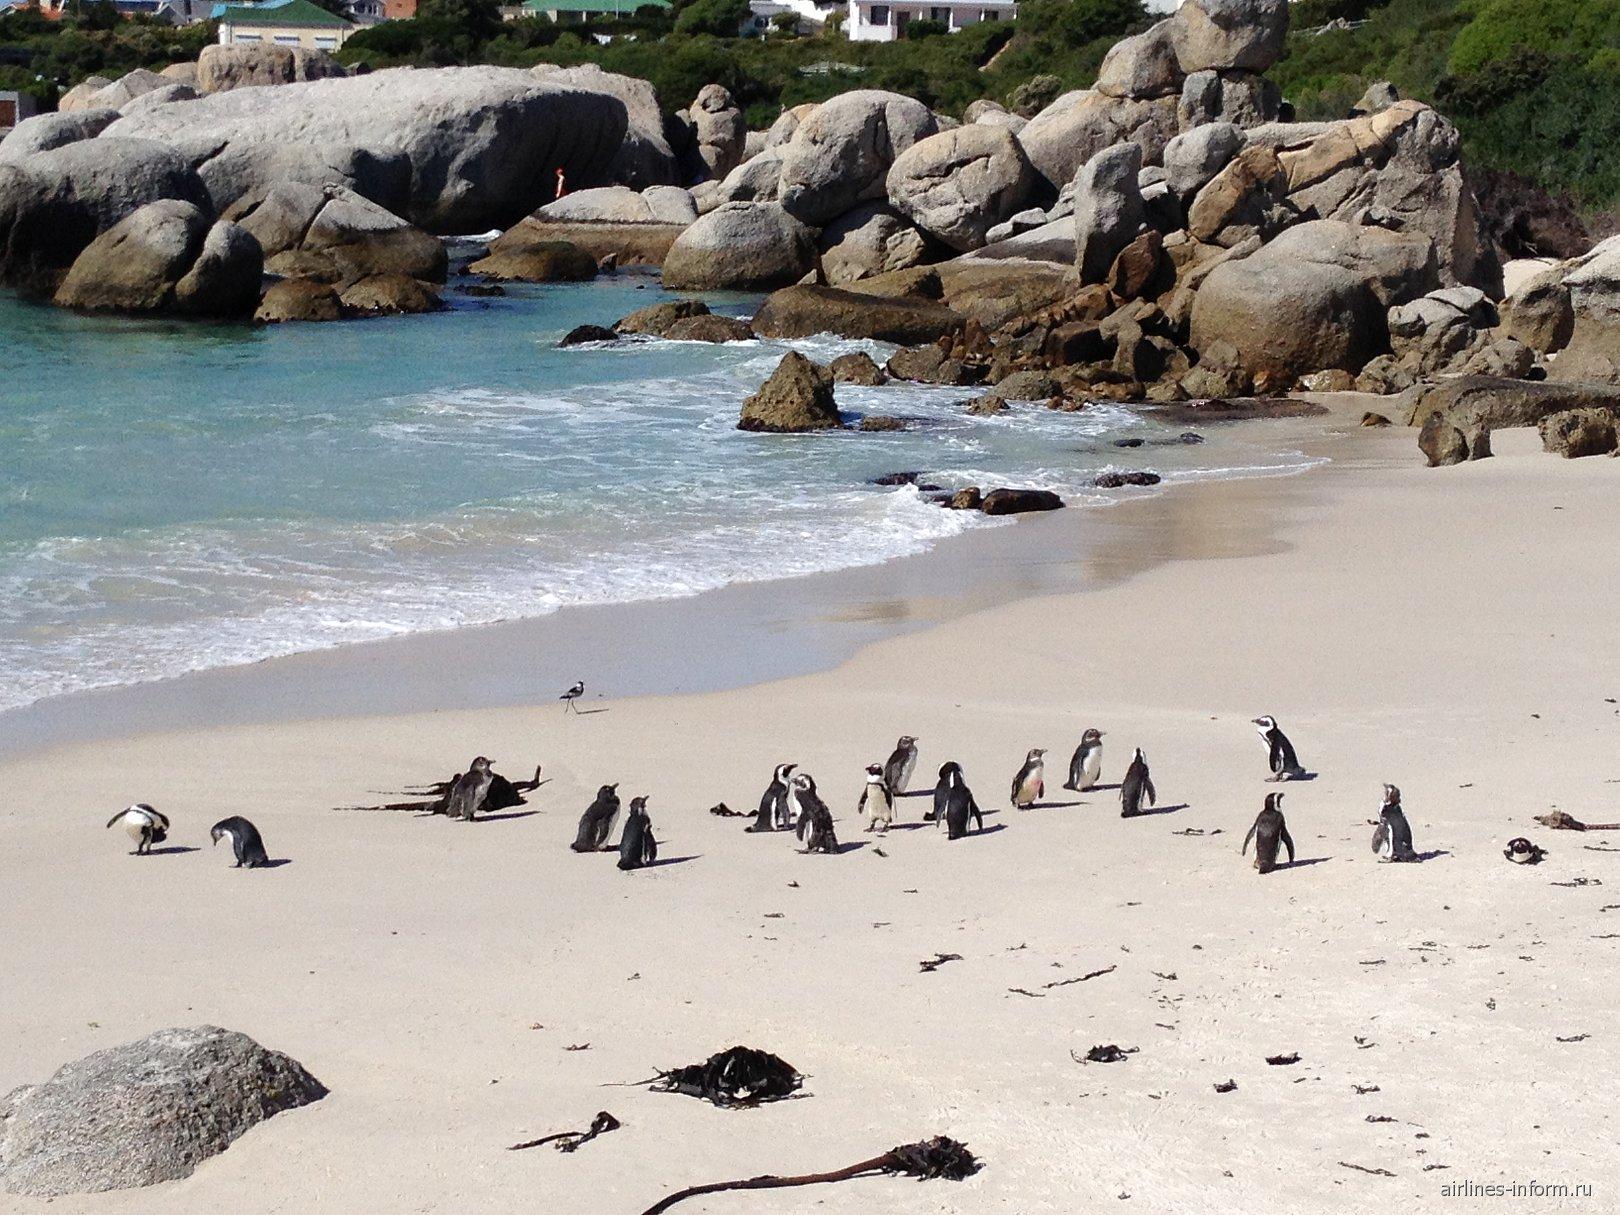 Пингвины Южной Африки